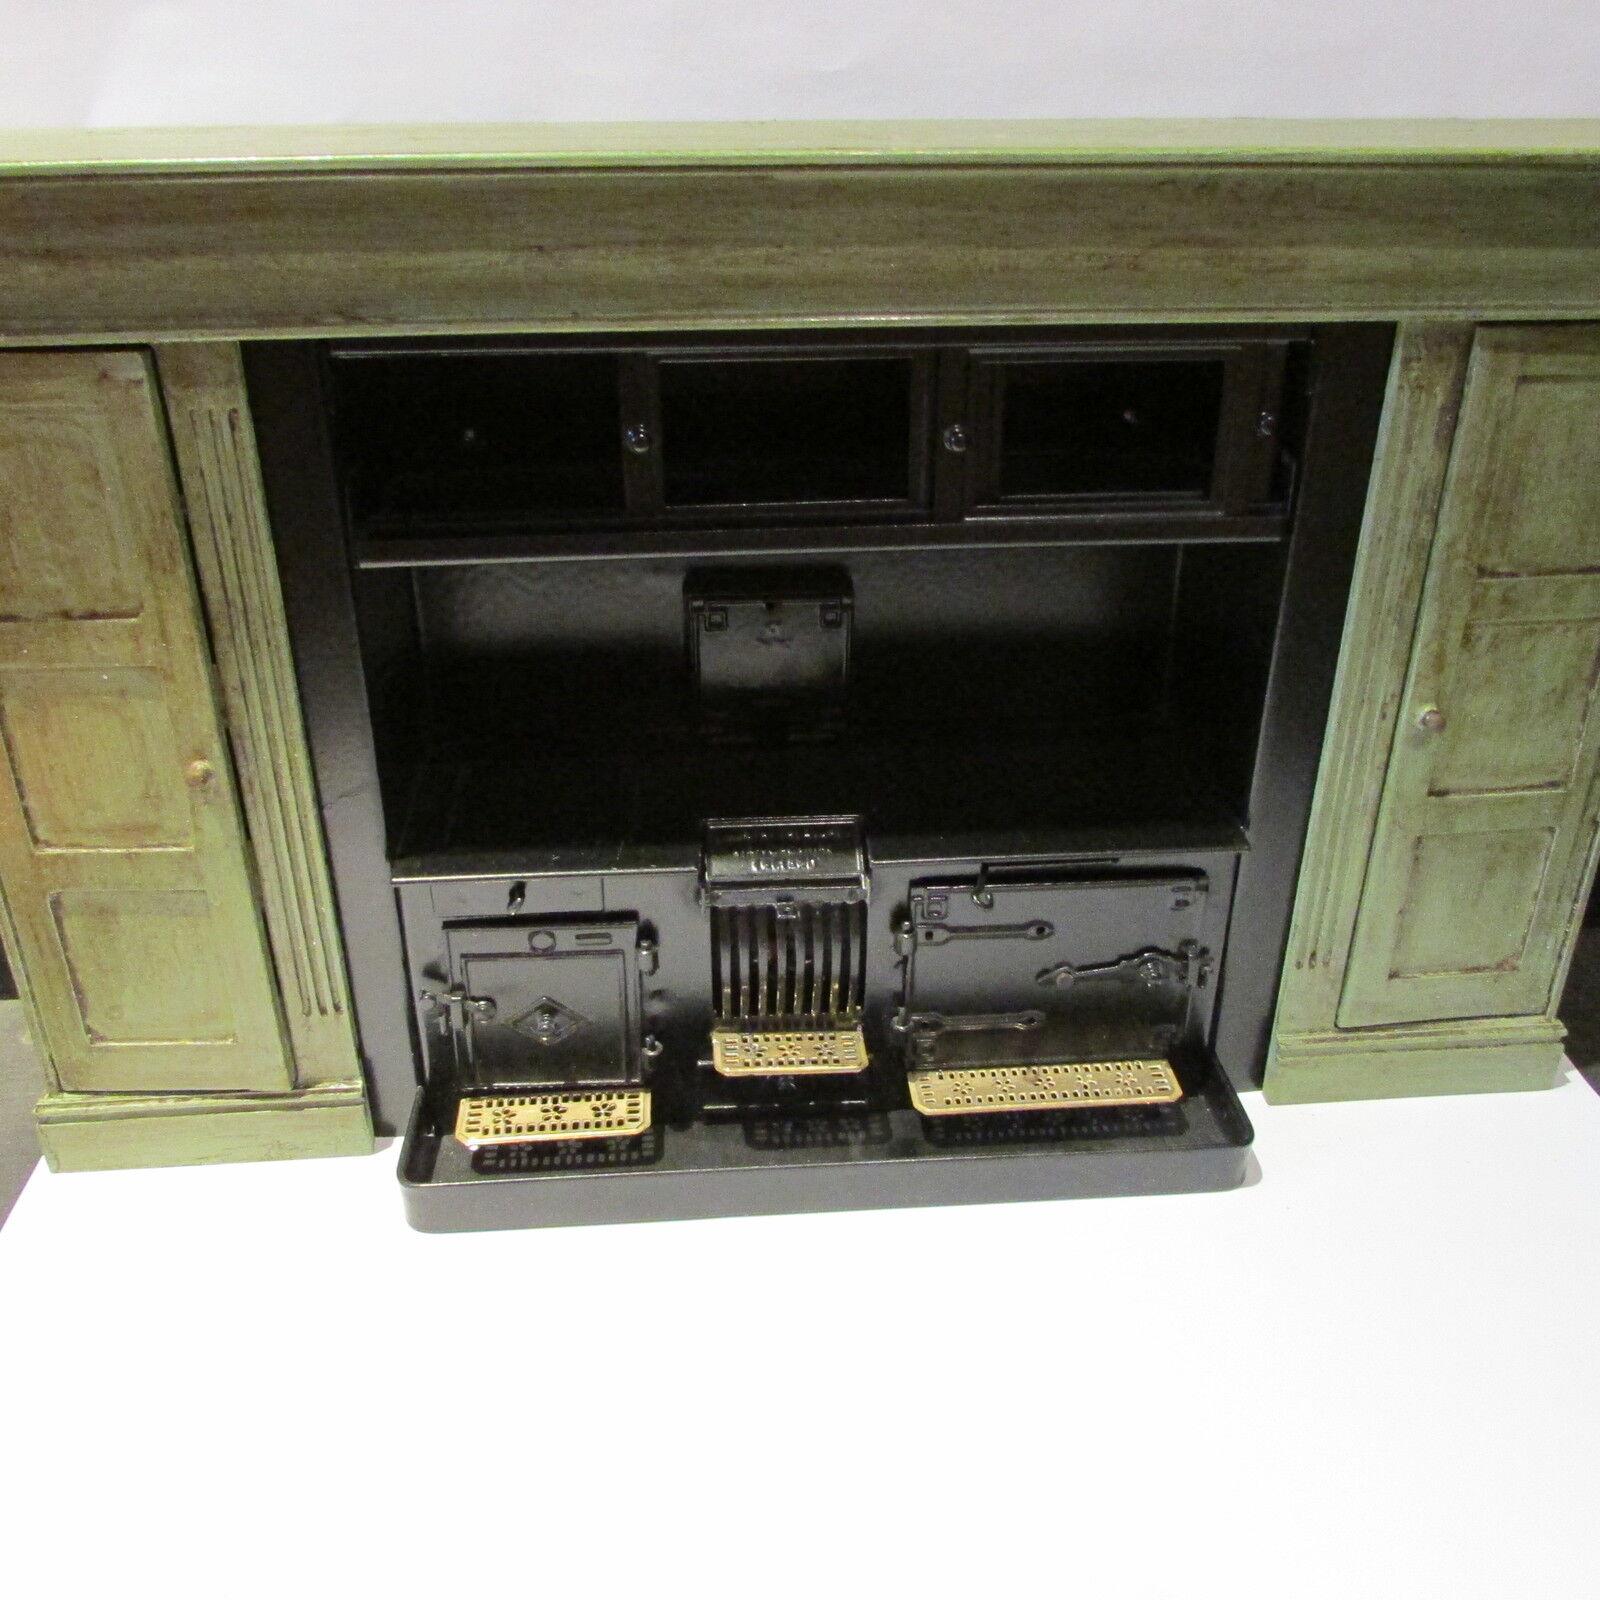 Intervtuttio    FORNELLO   in mettuttio verniciato in legno Surround  bambolaS HOUSE miniatura 1 12  prima qualità ai consumatori